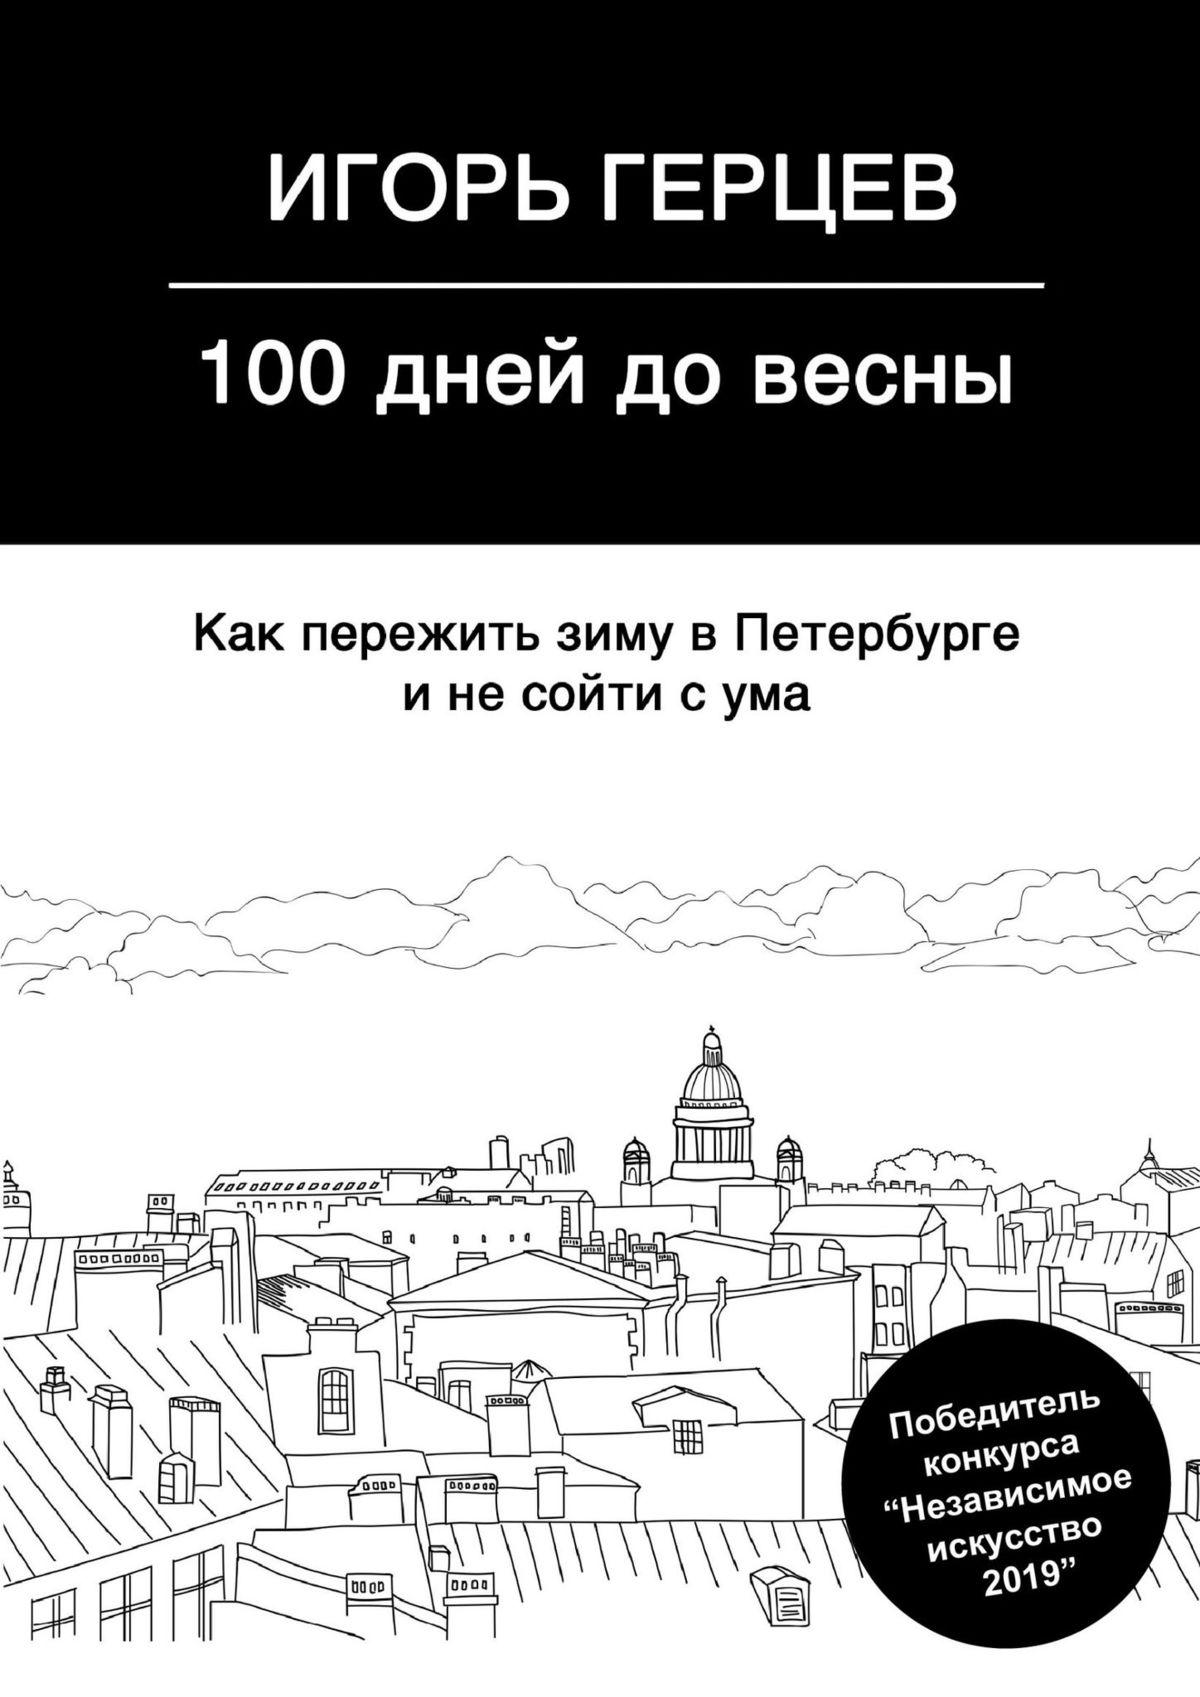 100дней довесны. Как пережить зиму вПетербурге инесойти сума